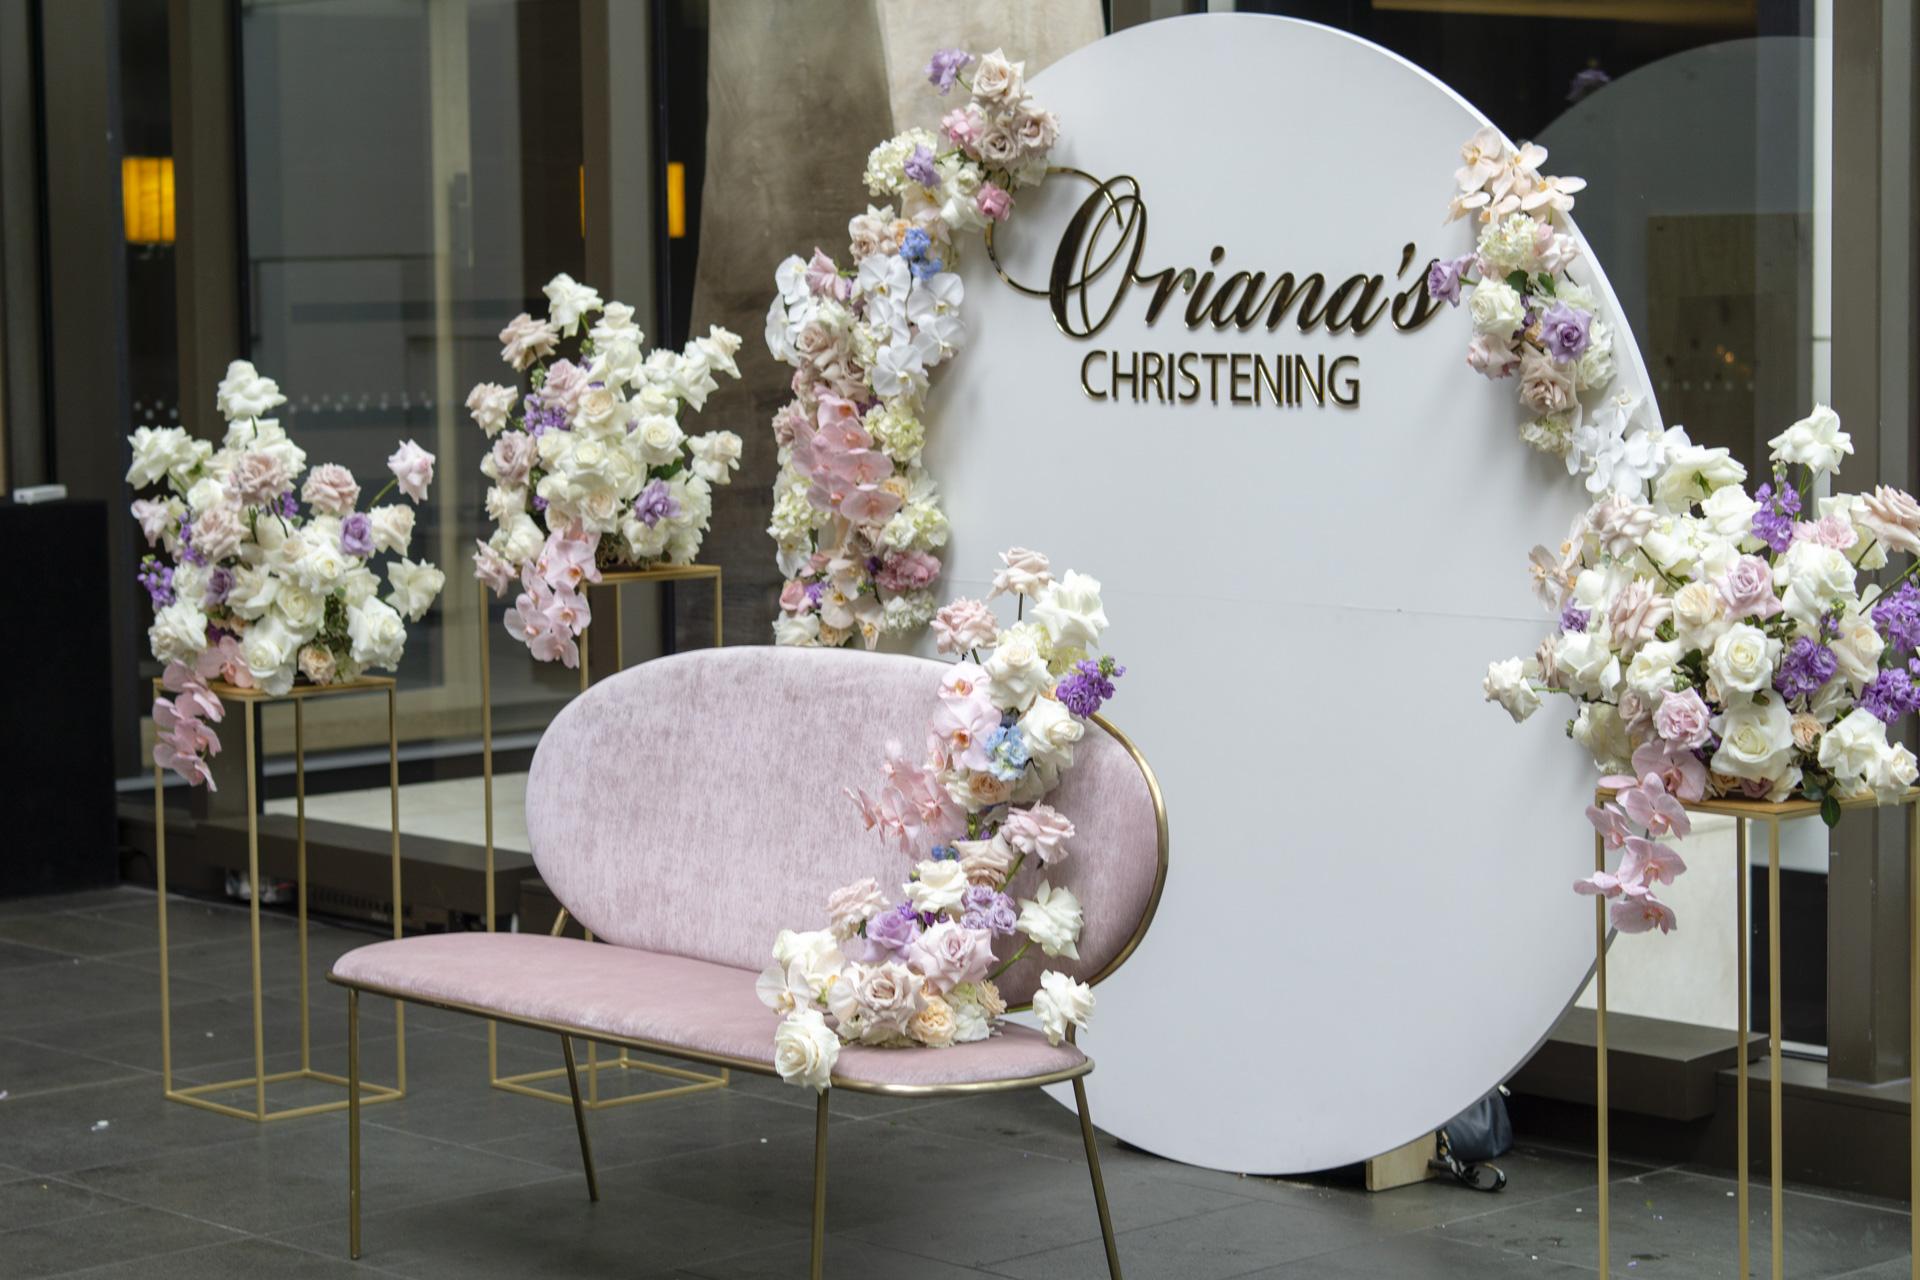 10 Orianas Christening